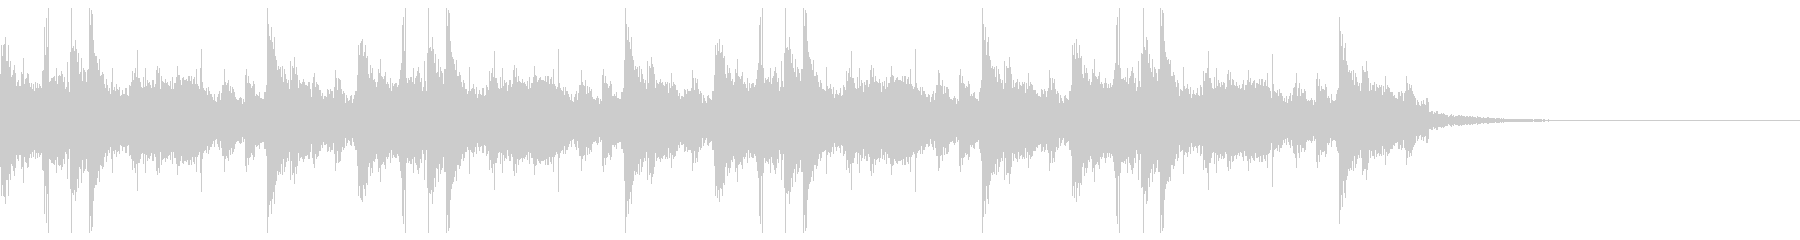 チップチューンなシンキングタイム音の未再生の波形